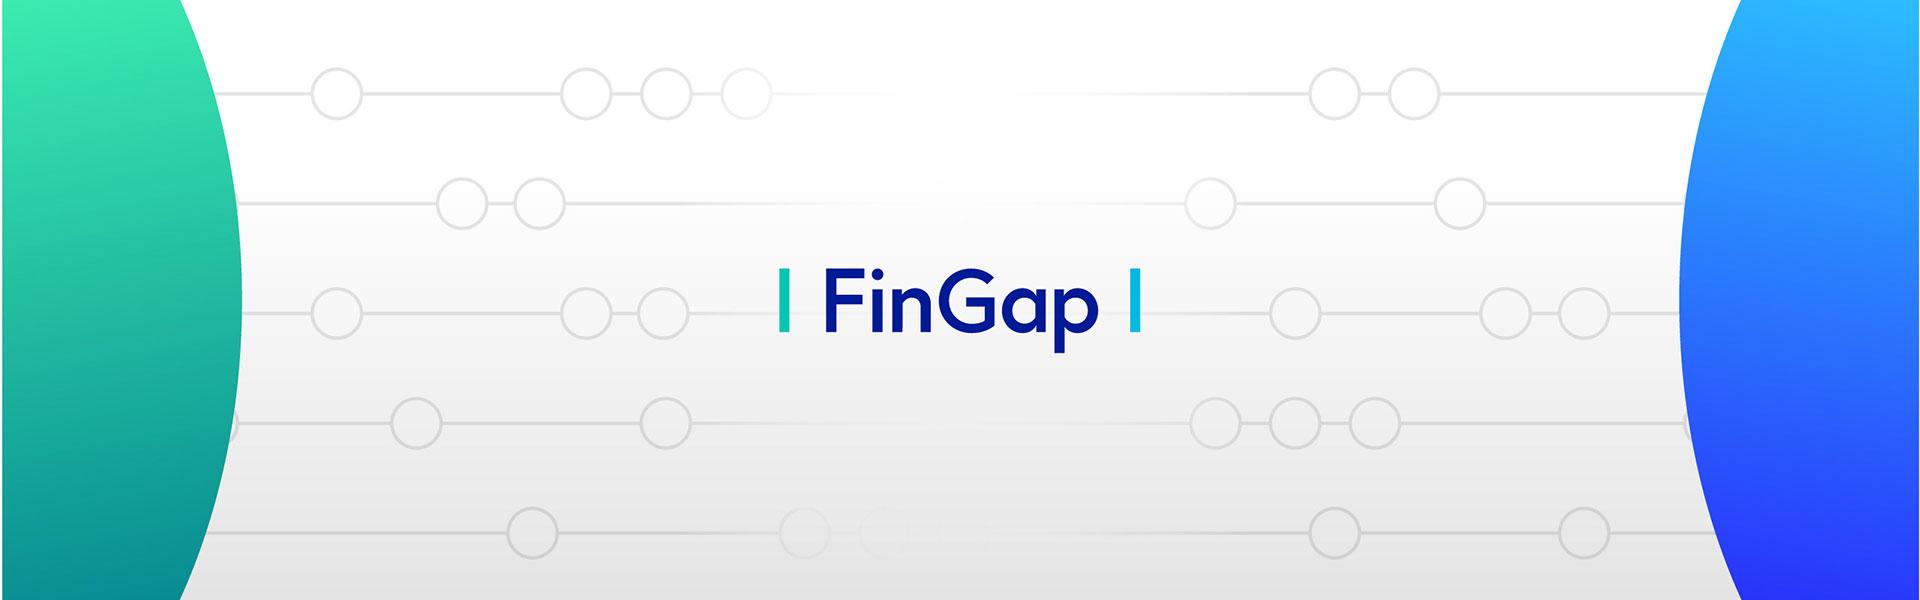 FinGap